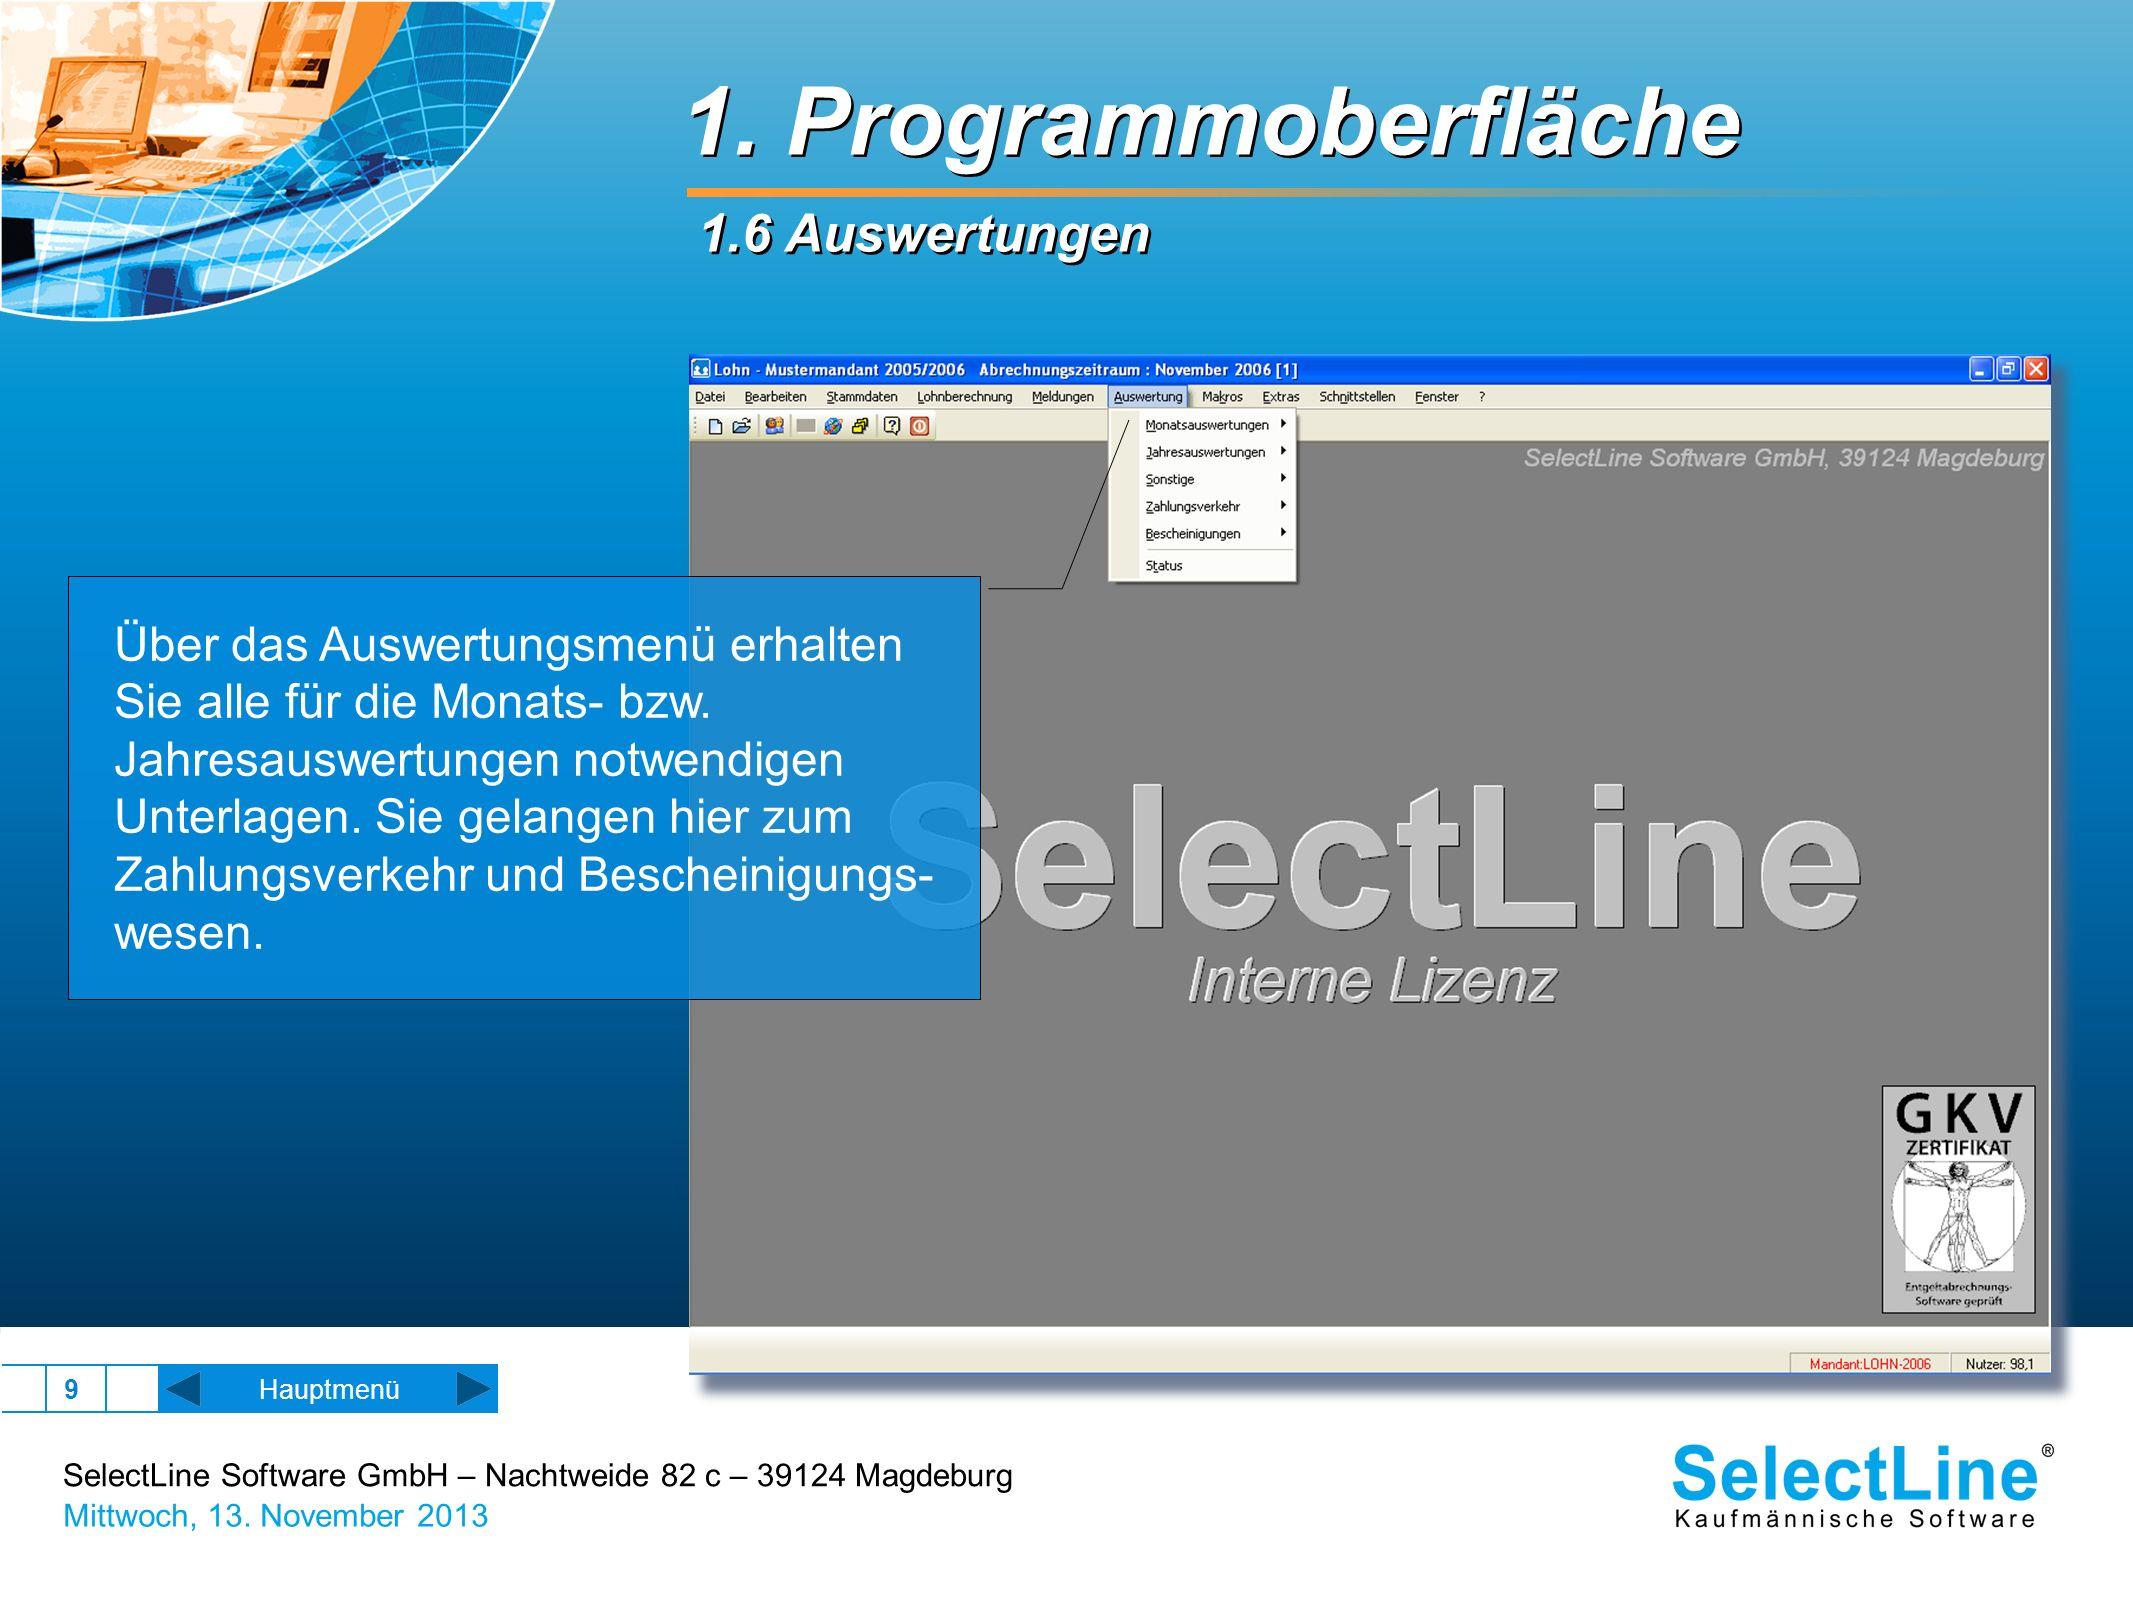 SelectLine Software GmbH – Nachtweide 82 c – 39124 Magdeburg Mittwoch, 13. November 2013 9 1. Programmoberfläche 1.6 Auswertungen Hauptmenü Über das A